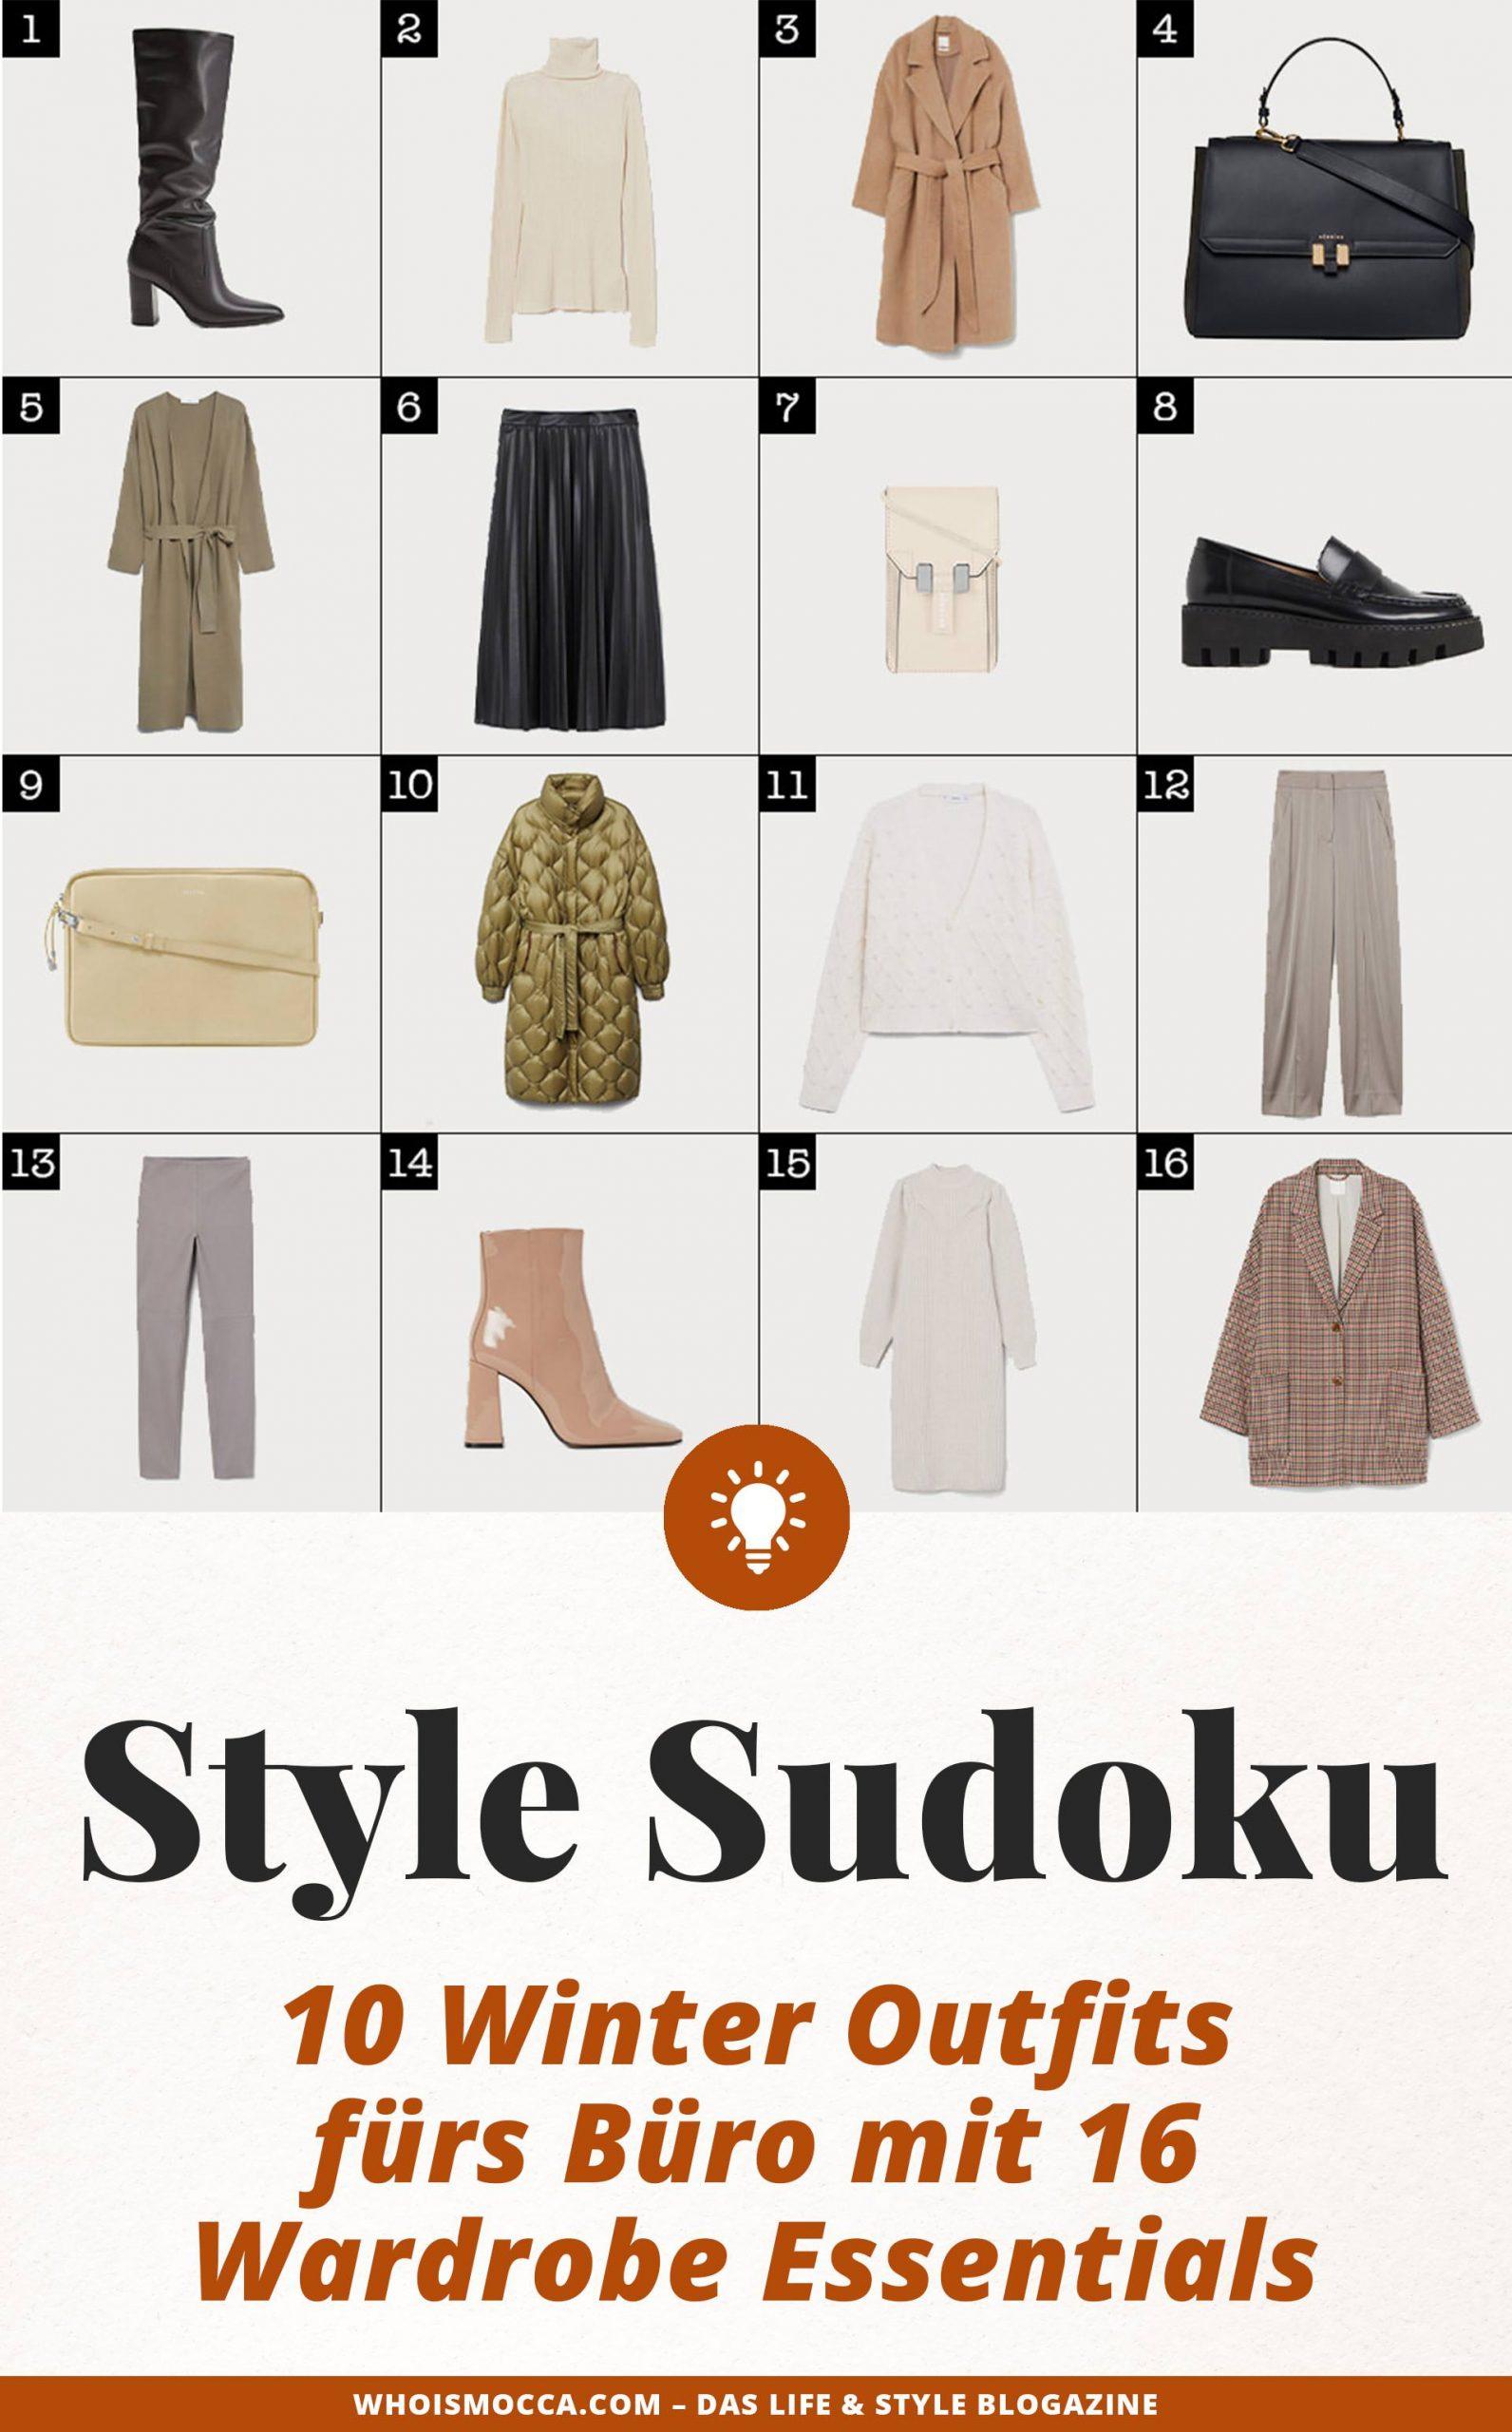 Anzeige. 10 Winter Outfits fürs Büro mit 16 Wardrobe Essentials? Am Modeblog zeige ich dir schöne Business Looks für kalte Tage! www.whoismocca.com